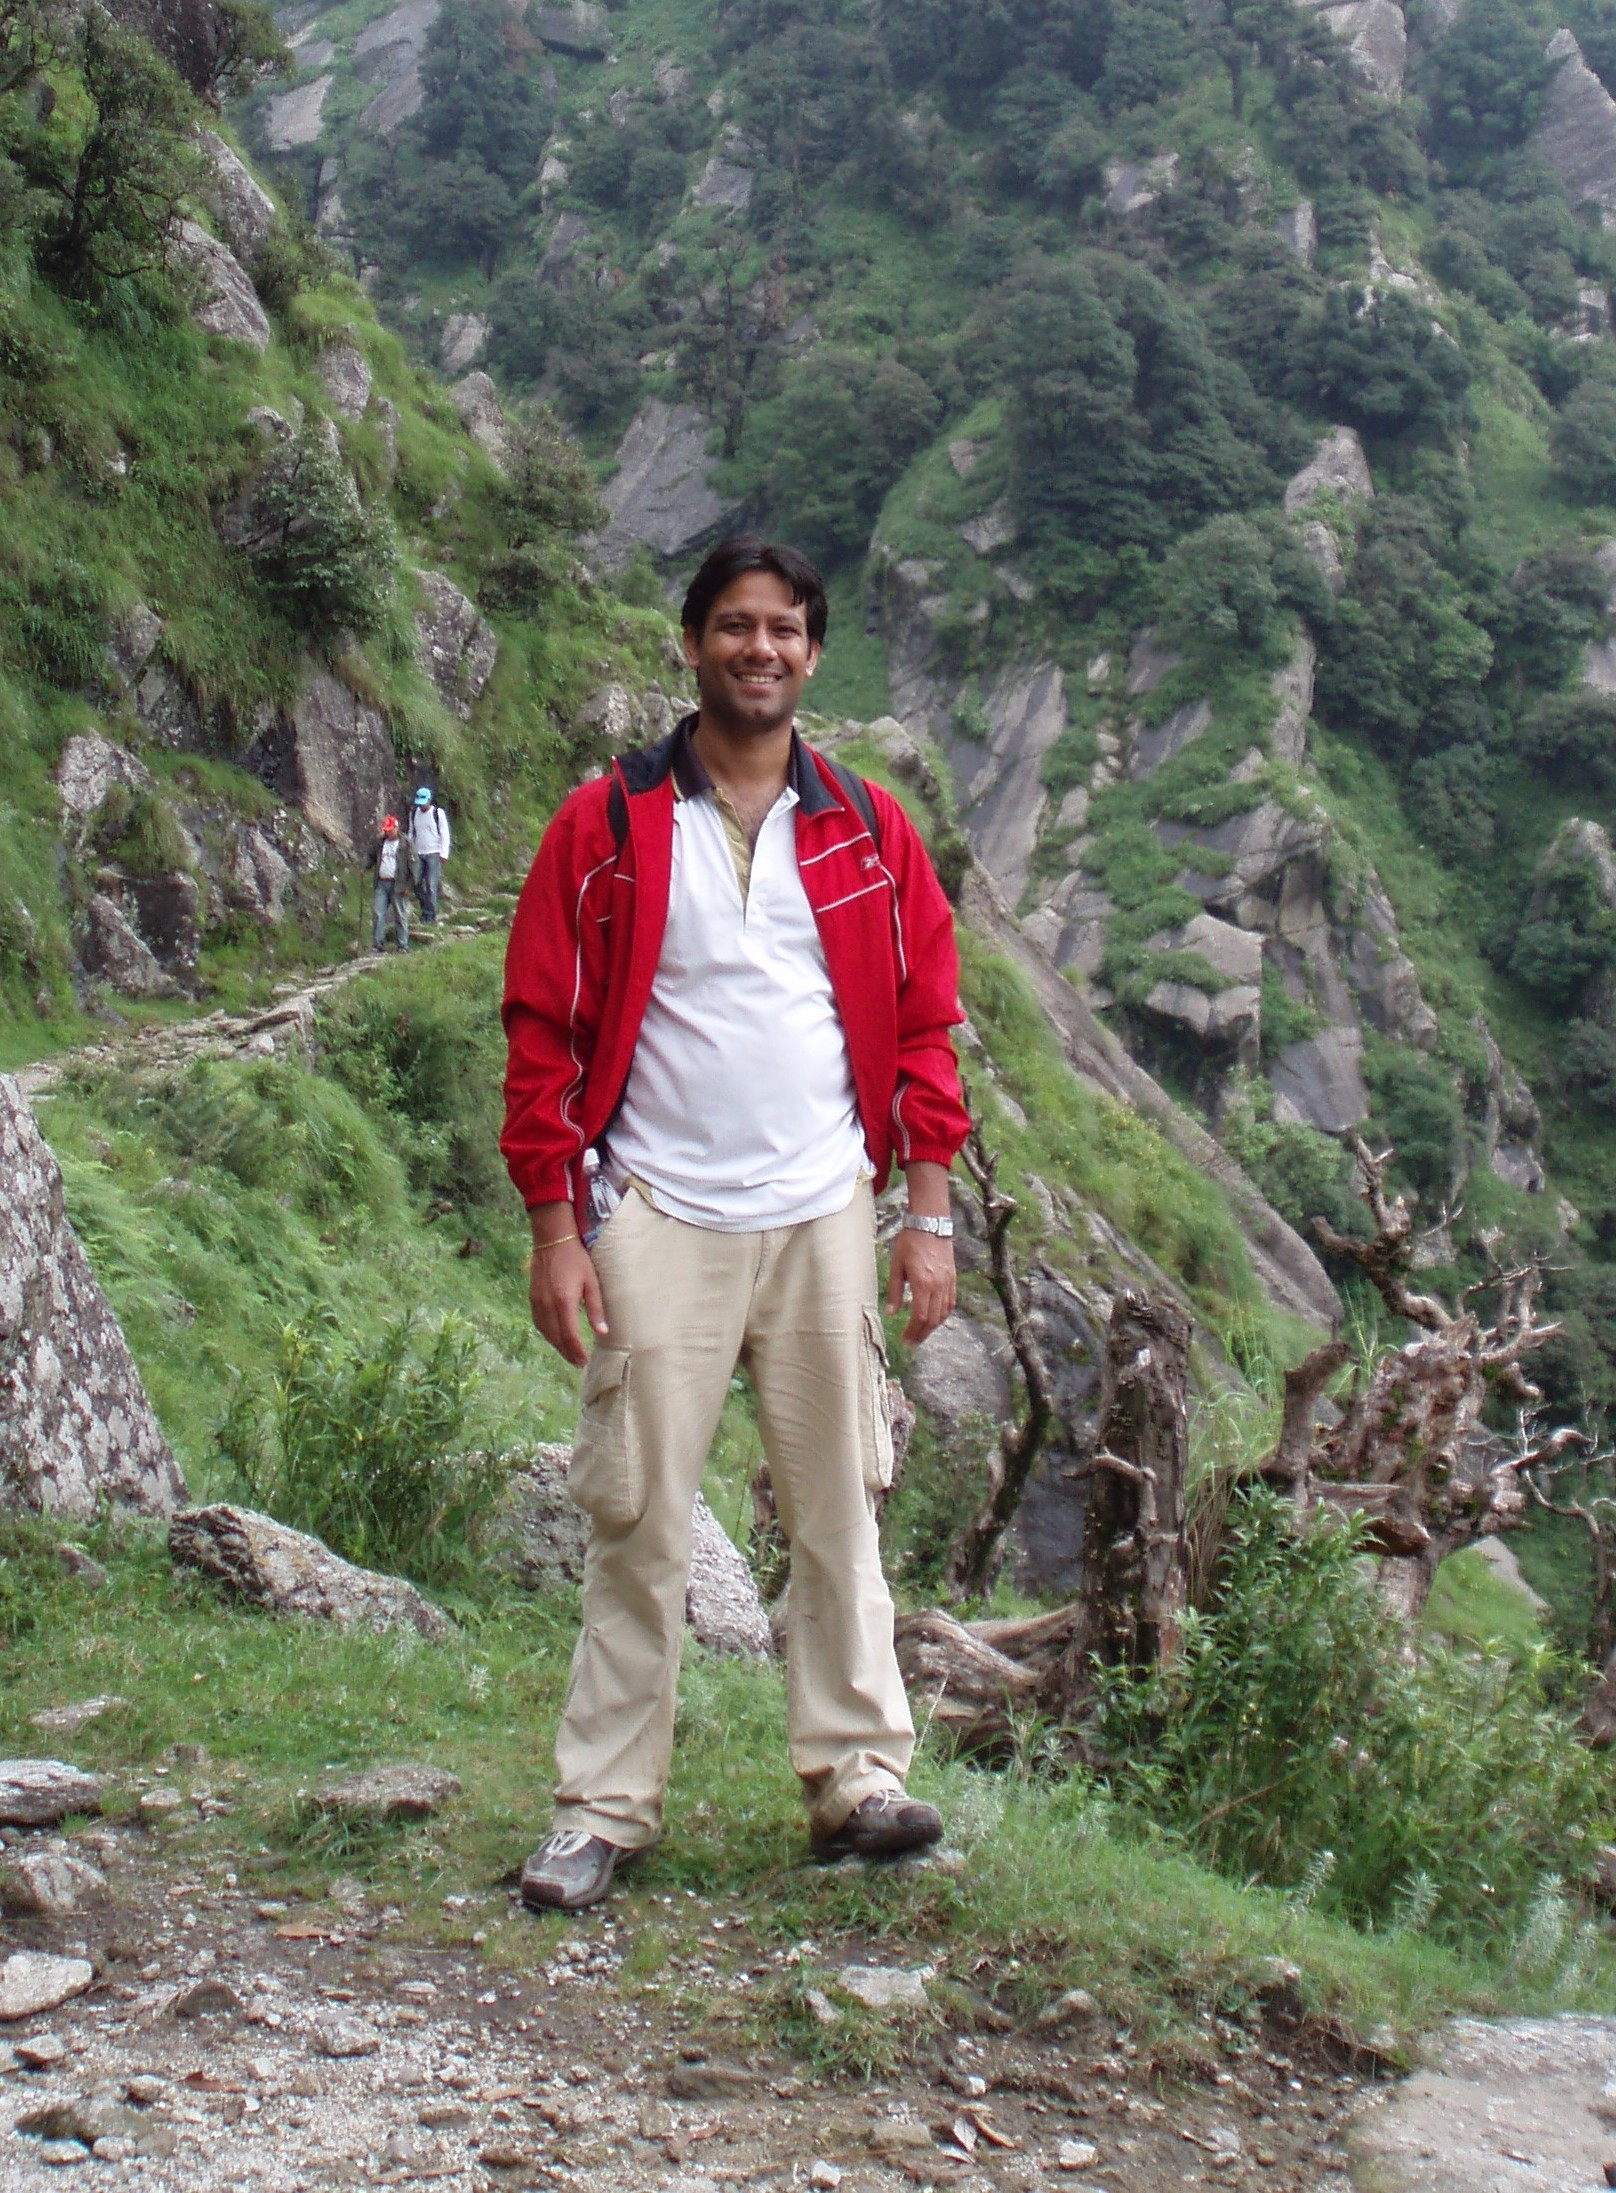 Prashant Sahni Lacadives partner